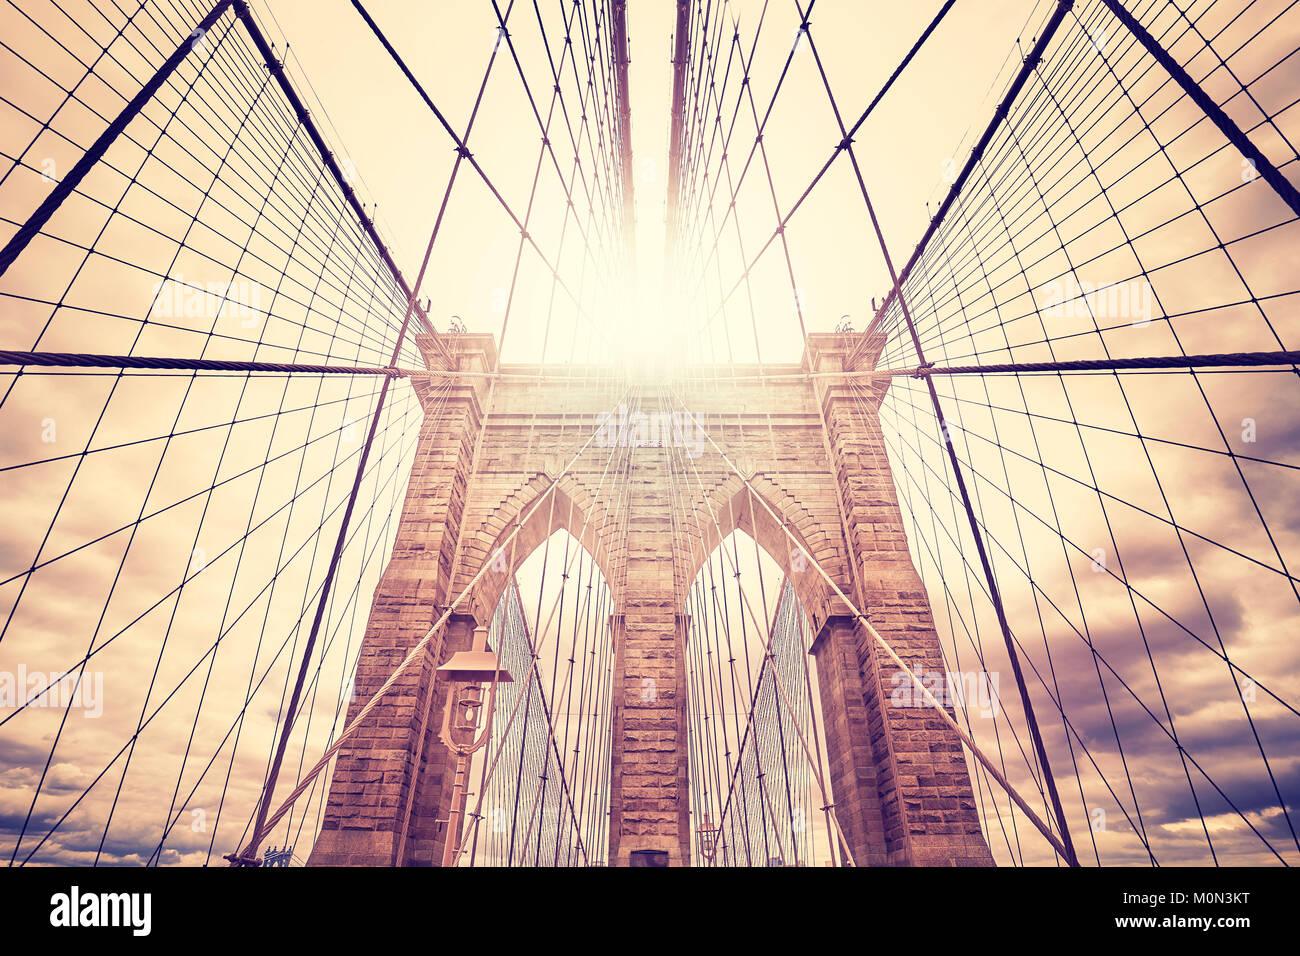 Ampio angolo di foto del Ponte di Brooklyn Bridge al tramonto, dai toni di colore immagine, STATI UNITI D'AMERICA. Immagini Stock